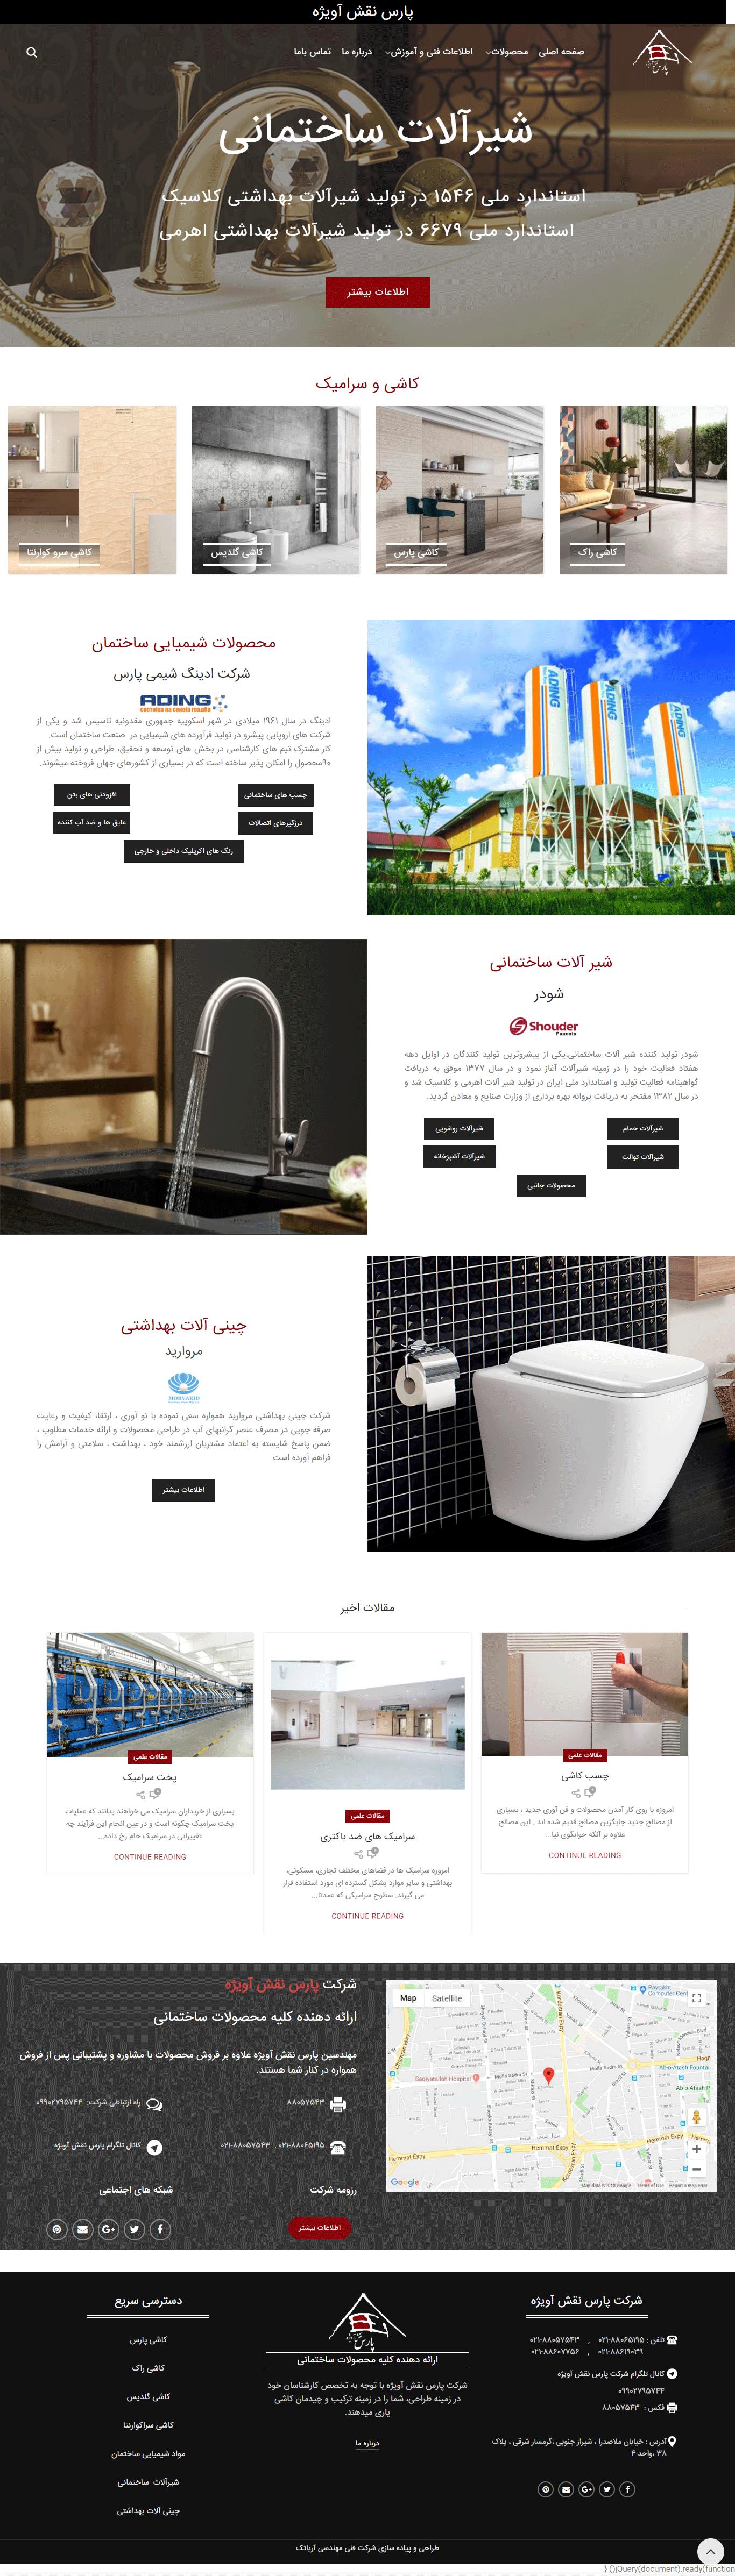 طراحی سایت پارس نقش آویژه